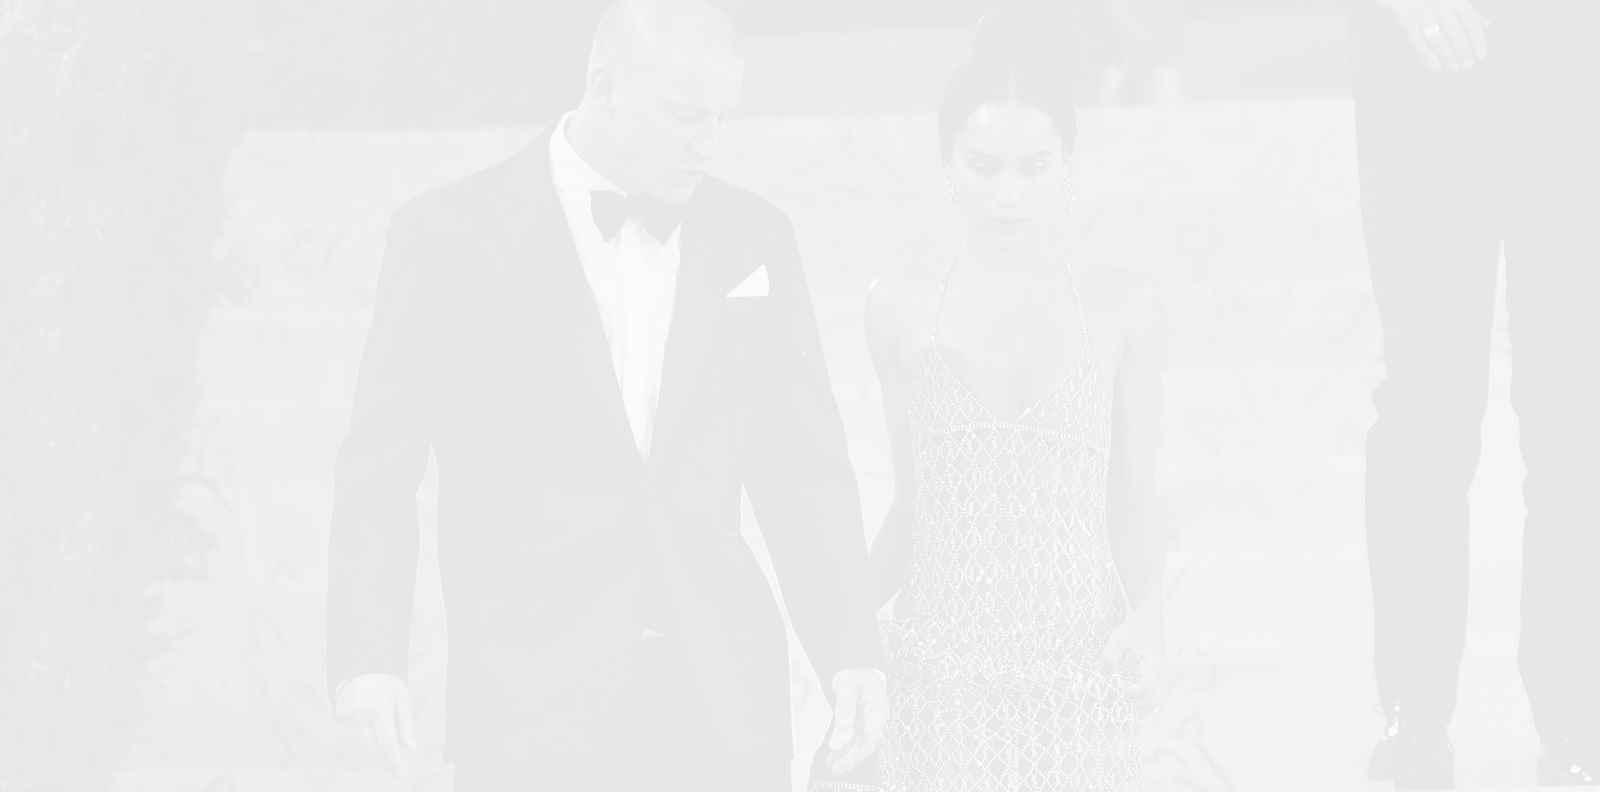 Чанинг Тейтъм и Зоуи Кравиц потвърдиха връзката си в IG